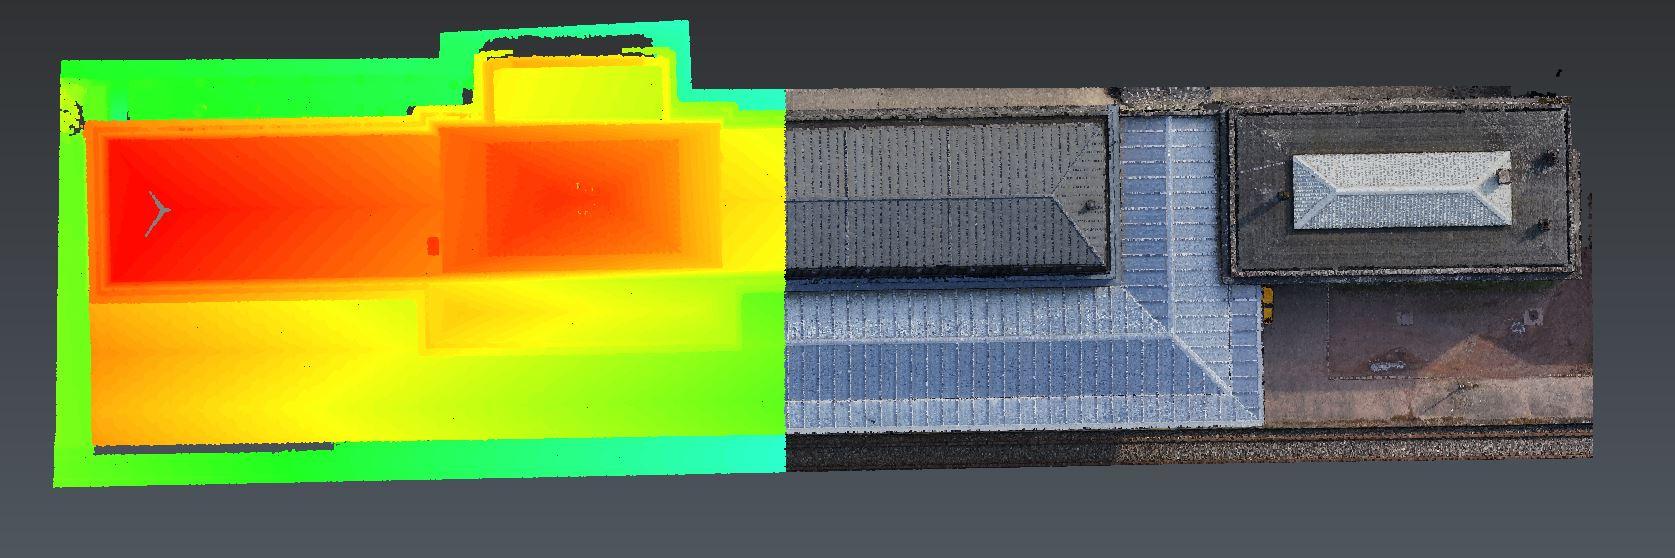 dbi conception - inspections d'ouvrages, relevés topographiques, thermographies dans le grand est